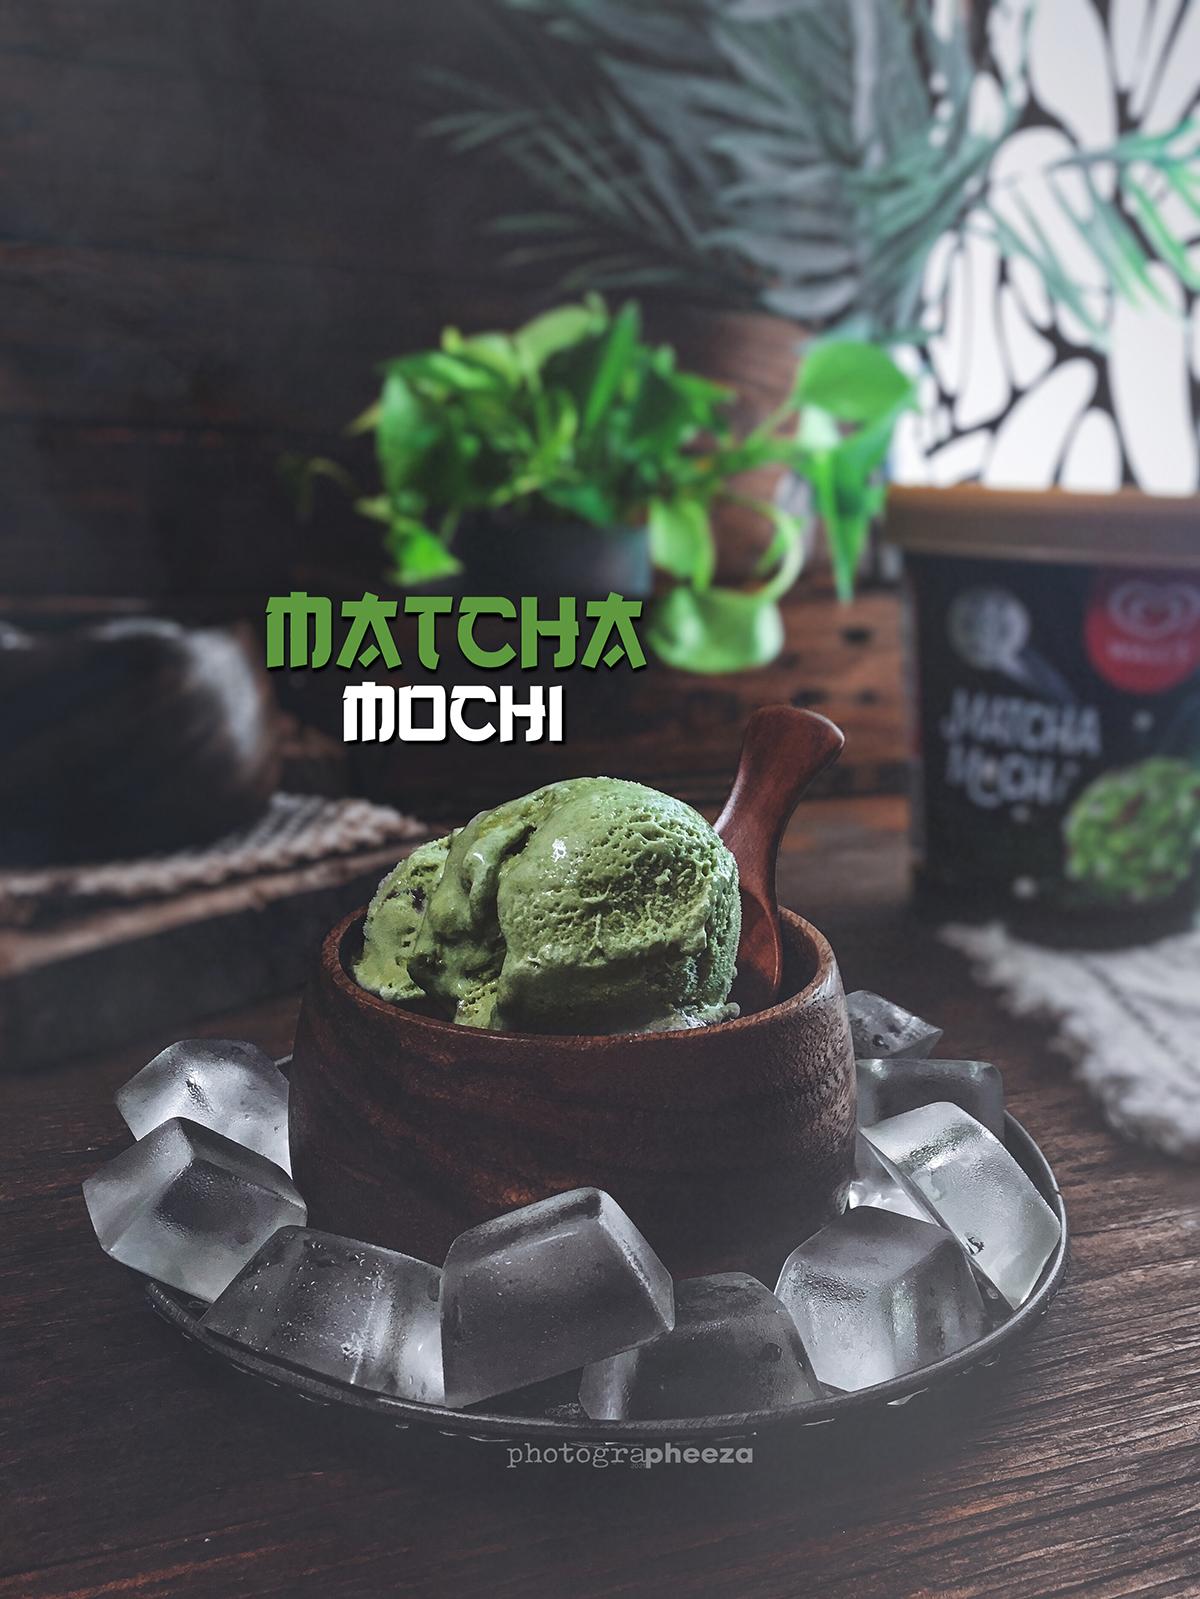 Wall's Matcha Mochi